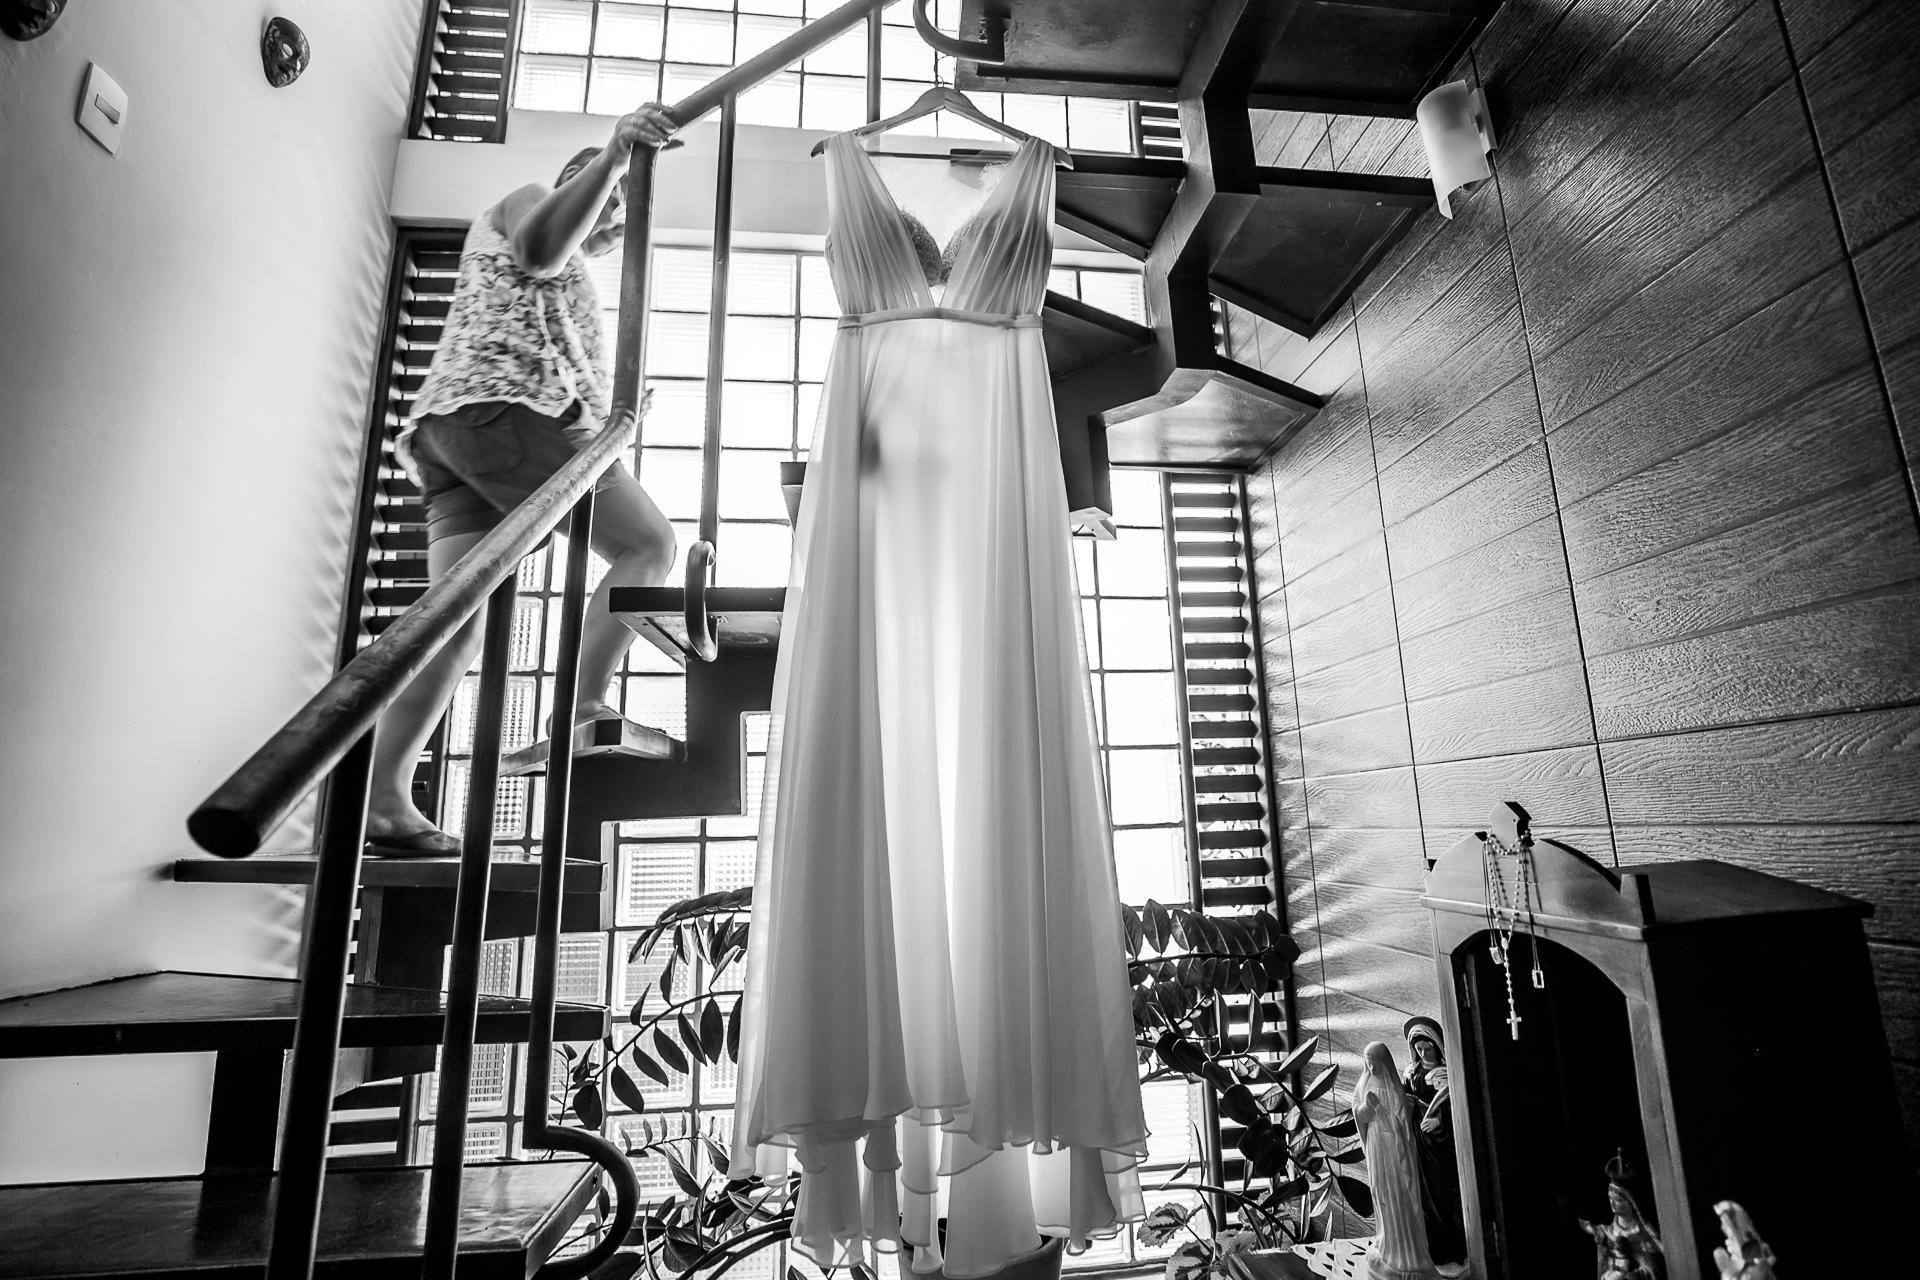 Maceio, Alagoas, Brésil Photographe de mariage | La mariée s'est préparée pour la cérémonie de ses vœux